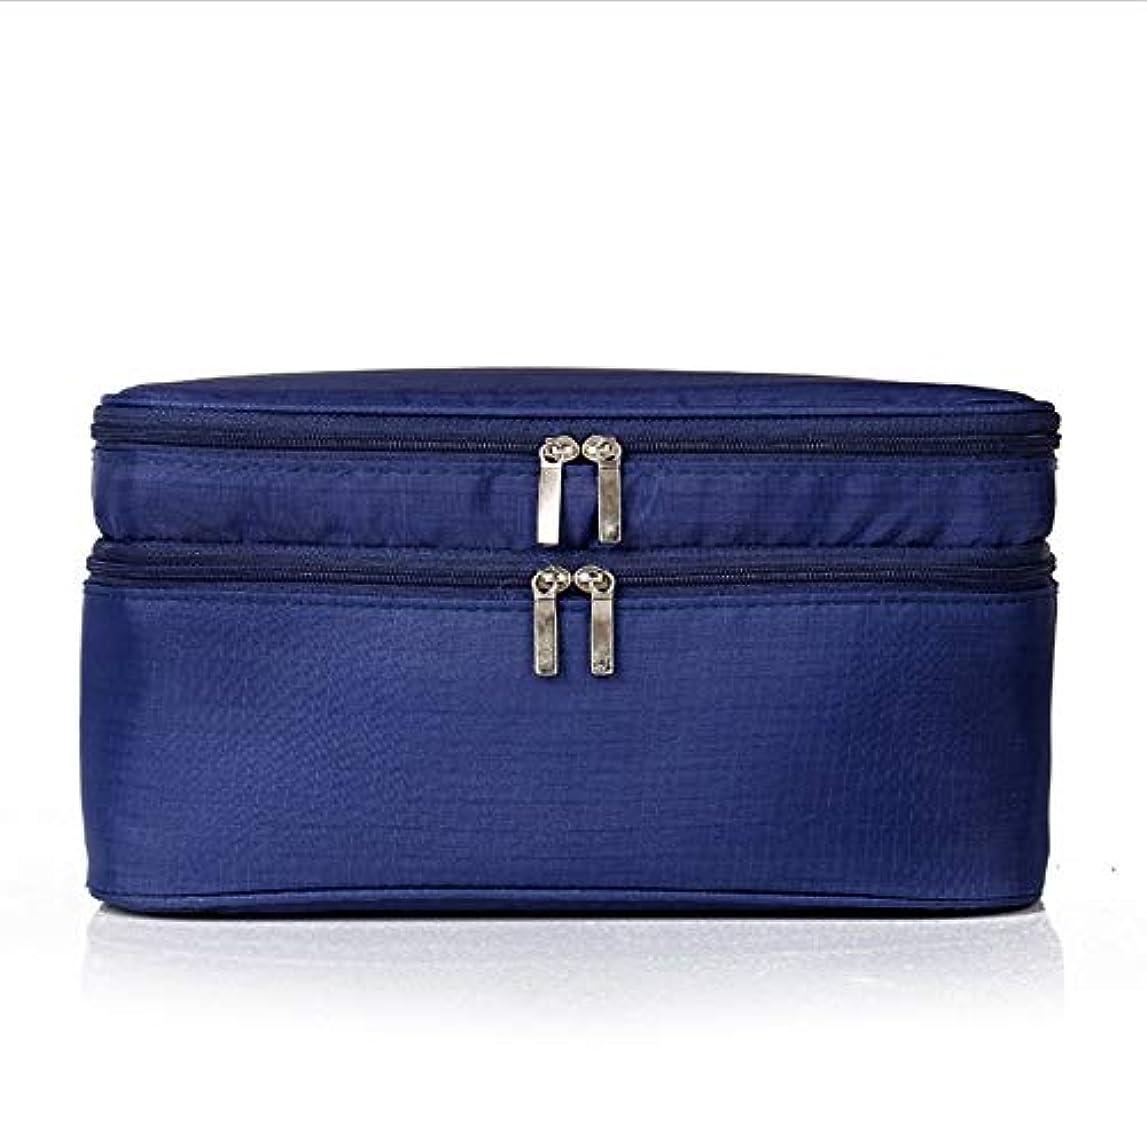 計画的中級上がる化粧オーガナイザーバッグ トラベルブラジャー収納バッグアンダーウェアバッグ防水パーソナルファッションバッグピンク 化粧品ケース (色 : 青)